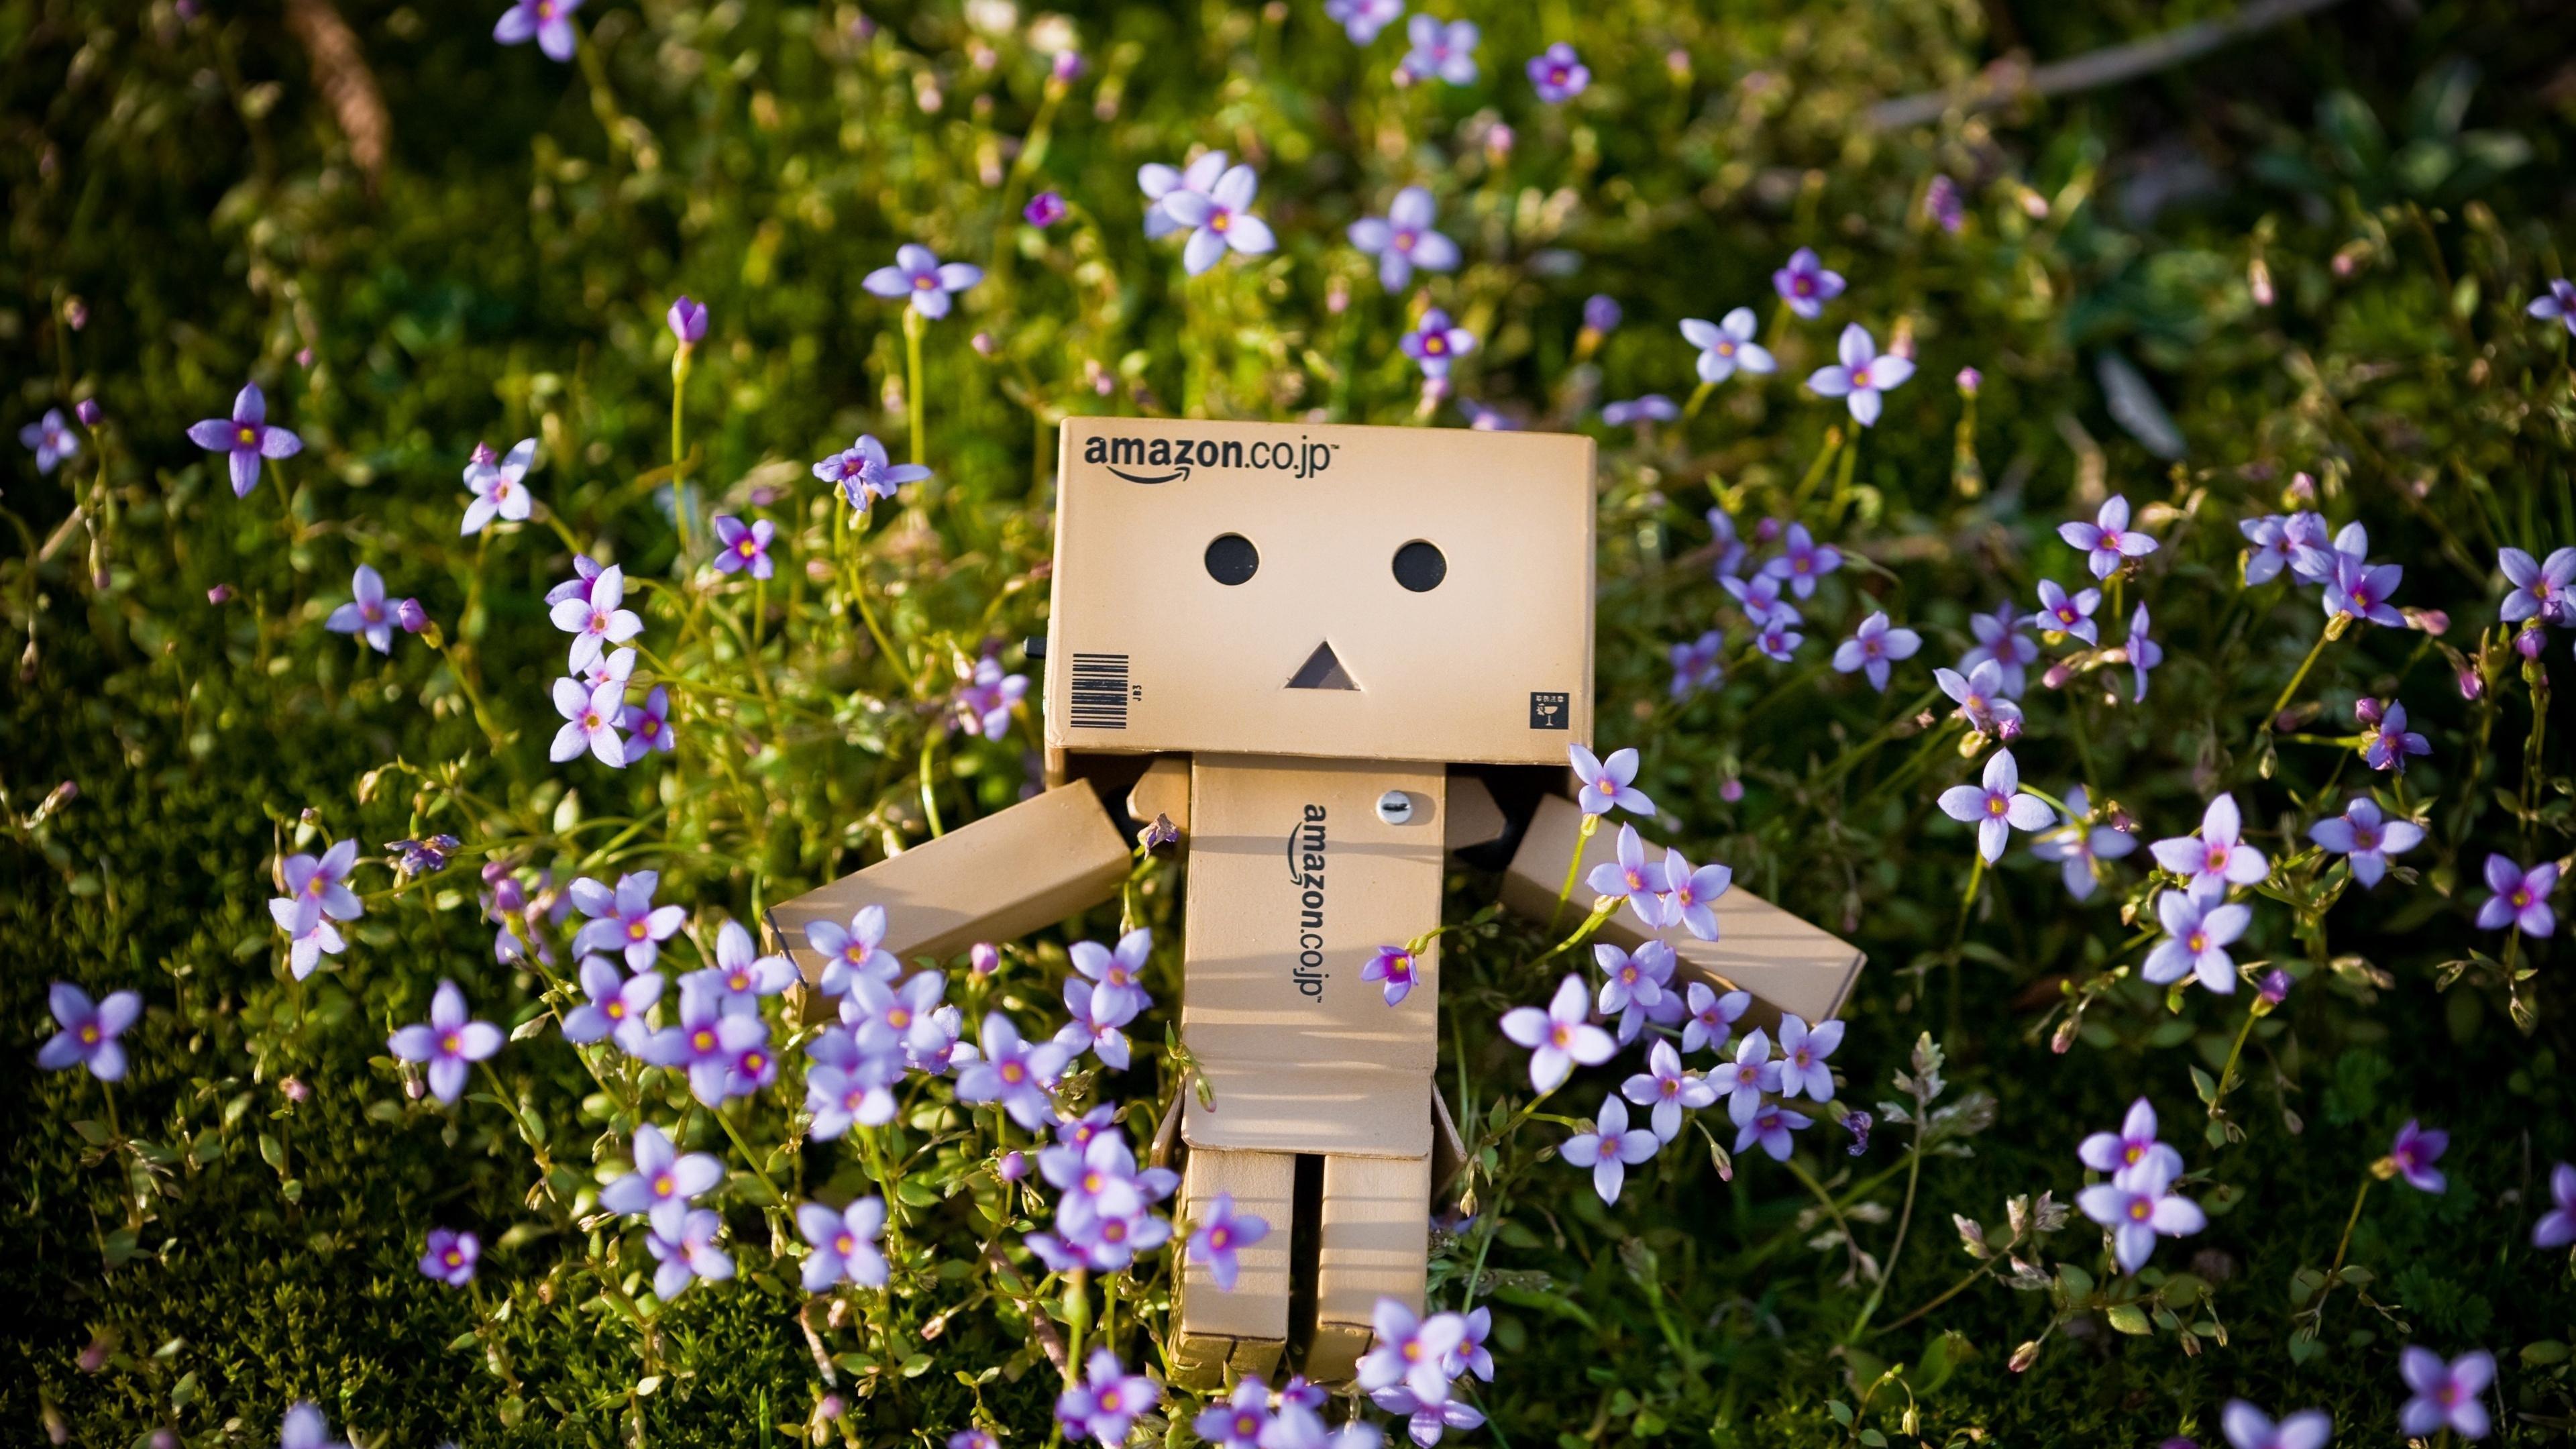 Робот Amazon в цветах